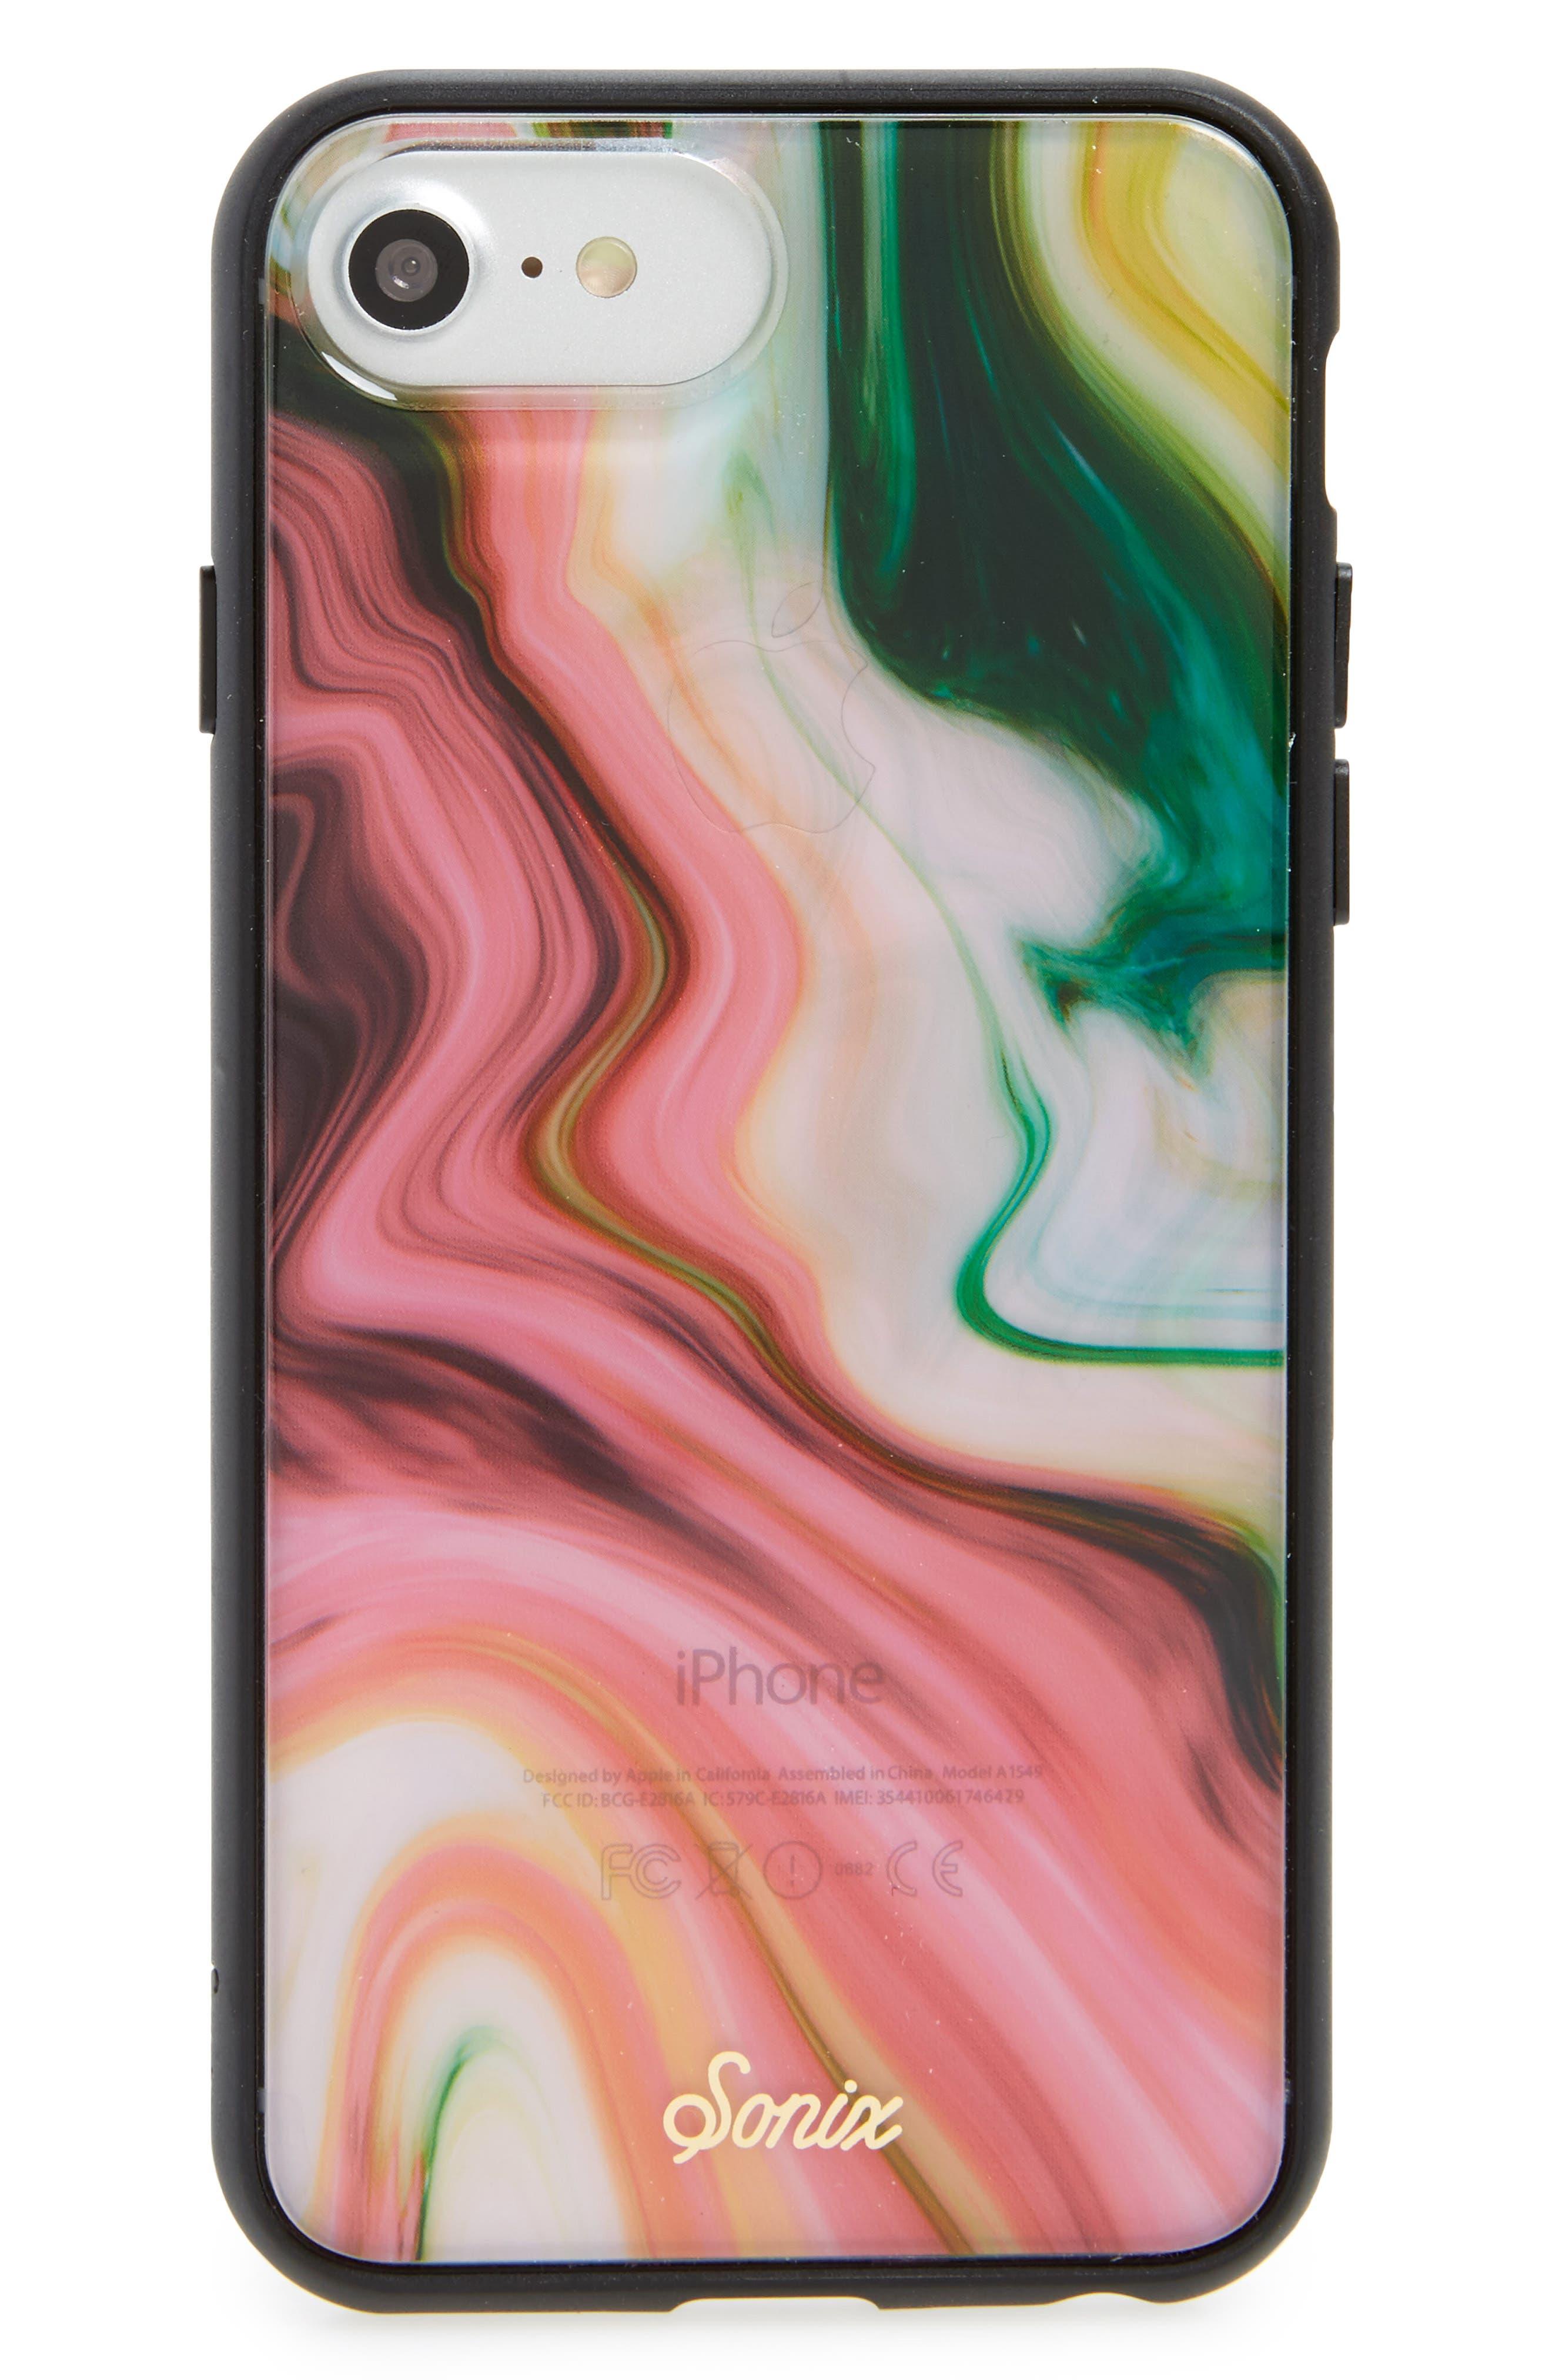 Agate iPhone 6/6s/7/8, 6/6s/7/8 Plus & X Case,                             Main thumbnail 1, color,                             Multi